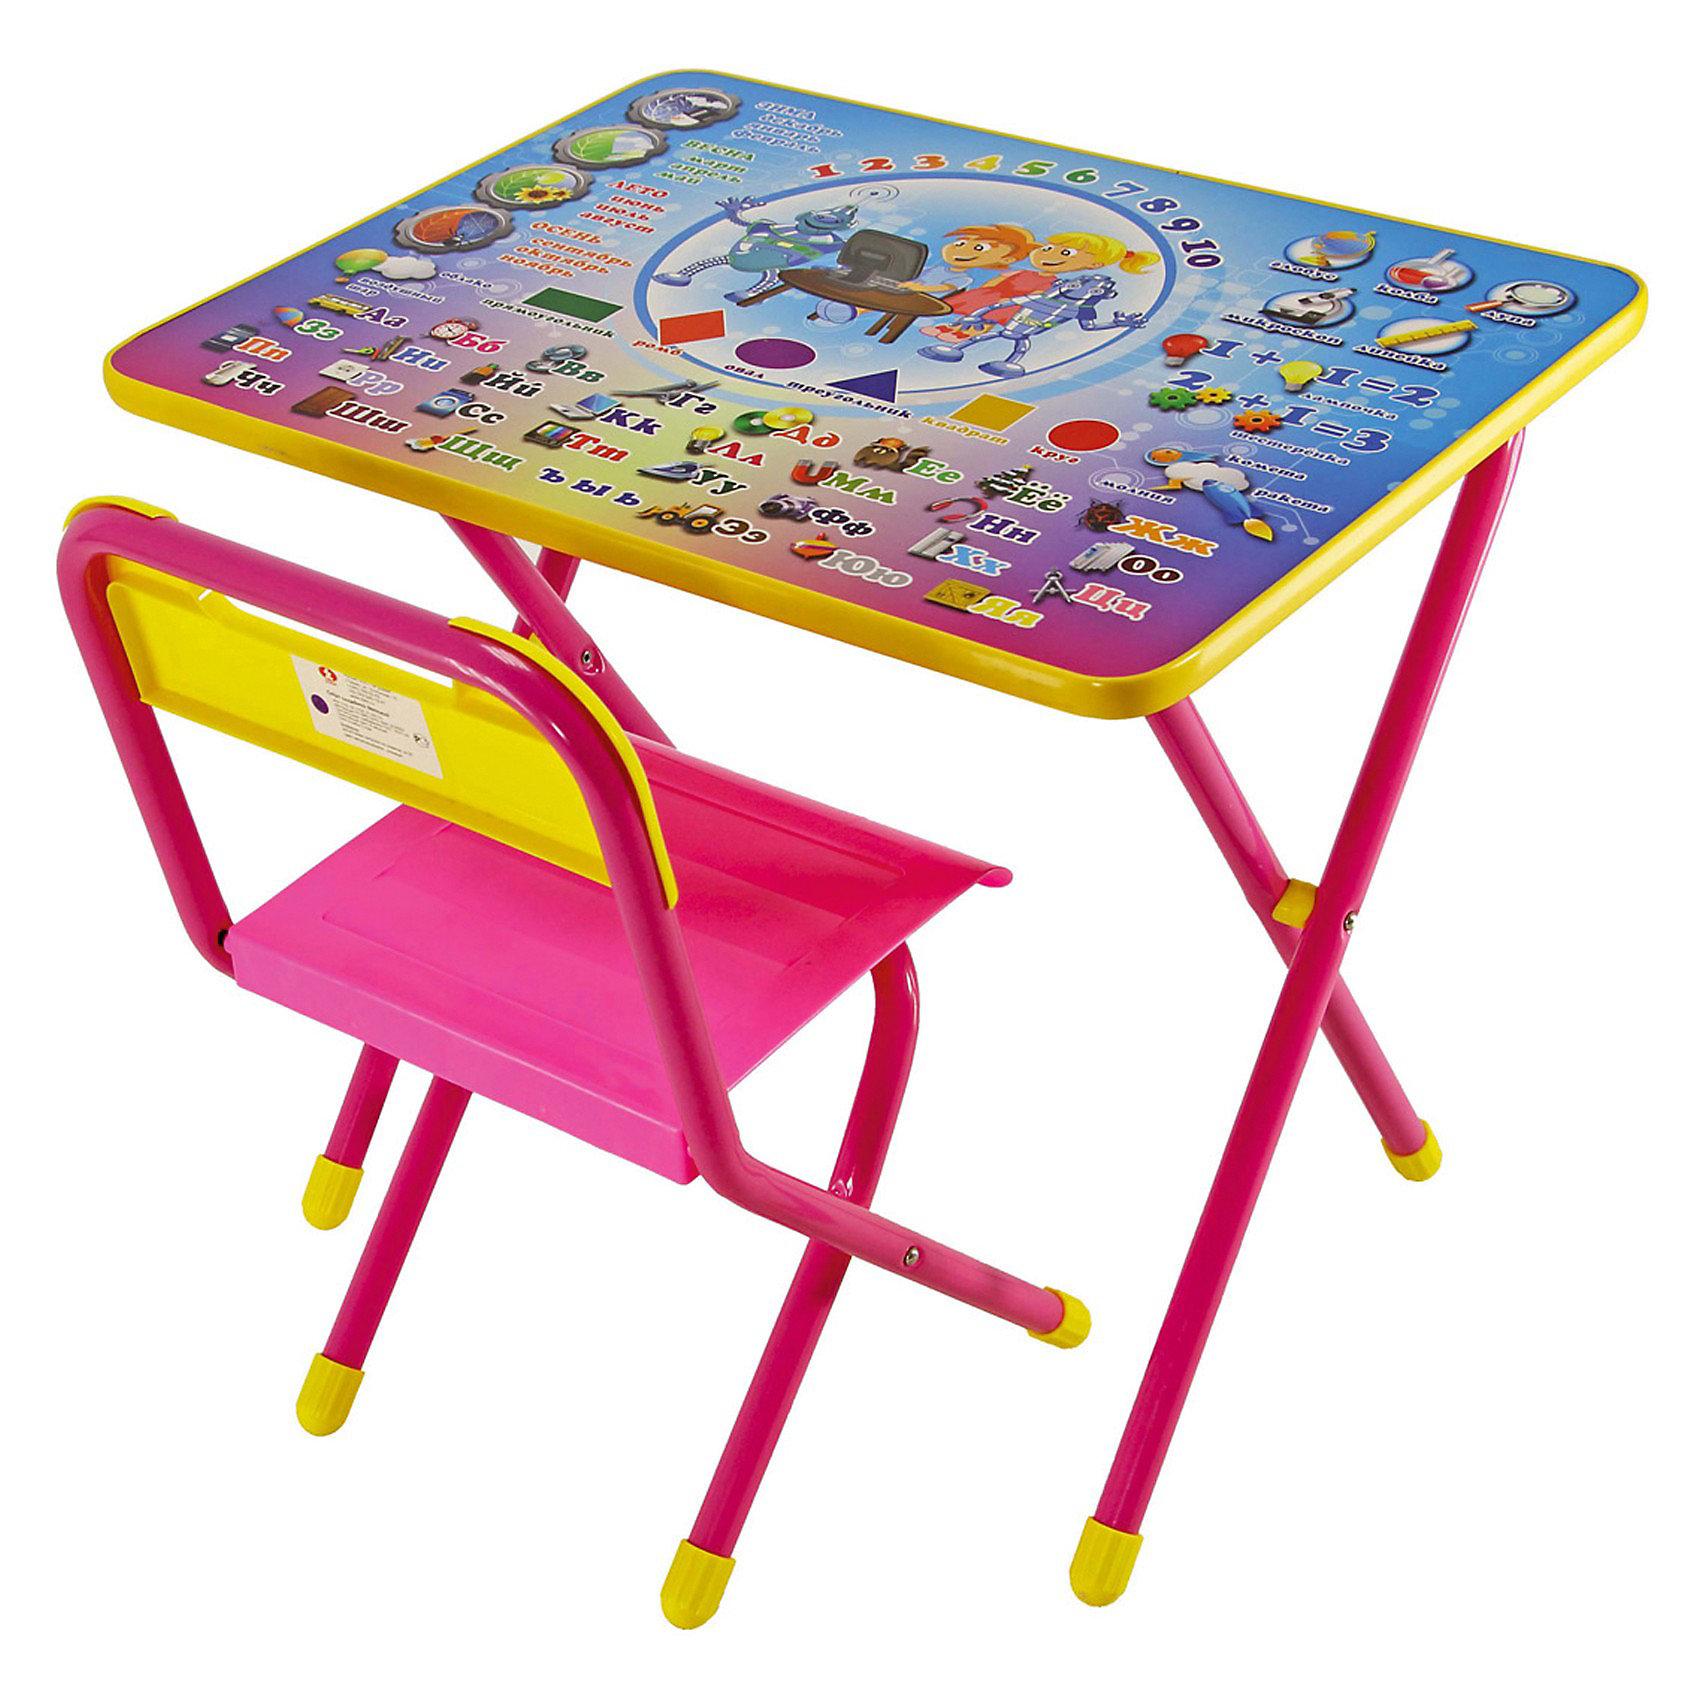 Набор мебели Электроник (2-5 лет), Дэми, розовыйМебель<br>В  набор мебели Дэми Электроник входит стол и стульчик, которые прекрасно подходят для эксплуатации как дома, так и в дошкольных учреждениях. Может быть использован для детских игр и занятий.<br>Ламинированную столешницу легко очищать.<br>На её поверхность нанесен яркий обучающий рисунок, состоящий из букв и цифр, который явно заинтересует ребёнка.<br>За столом Ваш ребенок сможет заниматься рисованием, лепкой, чтением или просто играть.<br>При необходимости набор легко складывает и убирается, поэтому он подходит даже для помещений маленькой площади.<br><br>Дополнительная информация:<br><br>- вес:  8 кг. <br>- цвет:  розовый <br>- размеры:  15х64х74 см. <br>- материал:  металл, пластмасса <br>- размеры столешницы: 45х60 см.<br>- высота до плоскости столешницы: 46 см.<br>- высота по сиденью: 26 см.<br>- высота верхнего края спинки: 24 см.<br>- допустимая нагрузка на сиденье до 30 кг.<br><br>Набор детской мебели Электроник, Дэми, розовый можно купить в нашем интернет магазине.<br><br>Ширина мм: 150<br>Глубина мм: 740<br>Высота мм: 640<br>Вес г: 8000<br>Возраст от месяцев: 24<br>Возраст до месяцев: 60<br>Пол: Женский<br>Возраст: Детский<br>SKU: 3530353